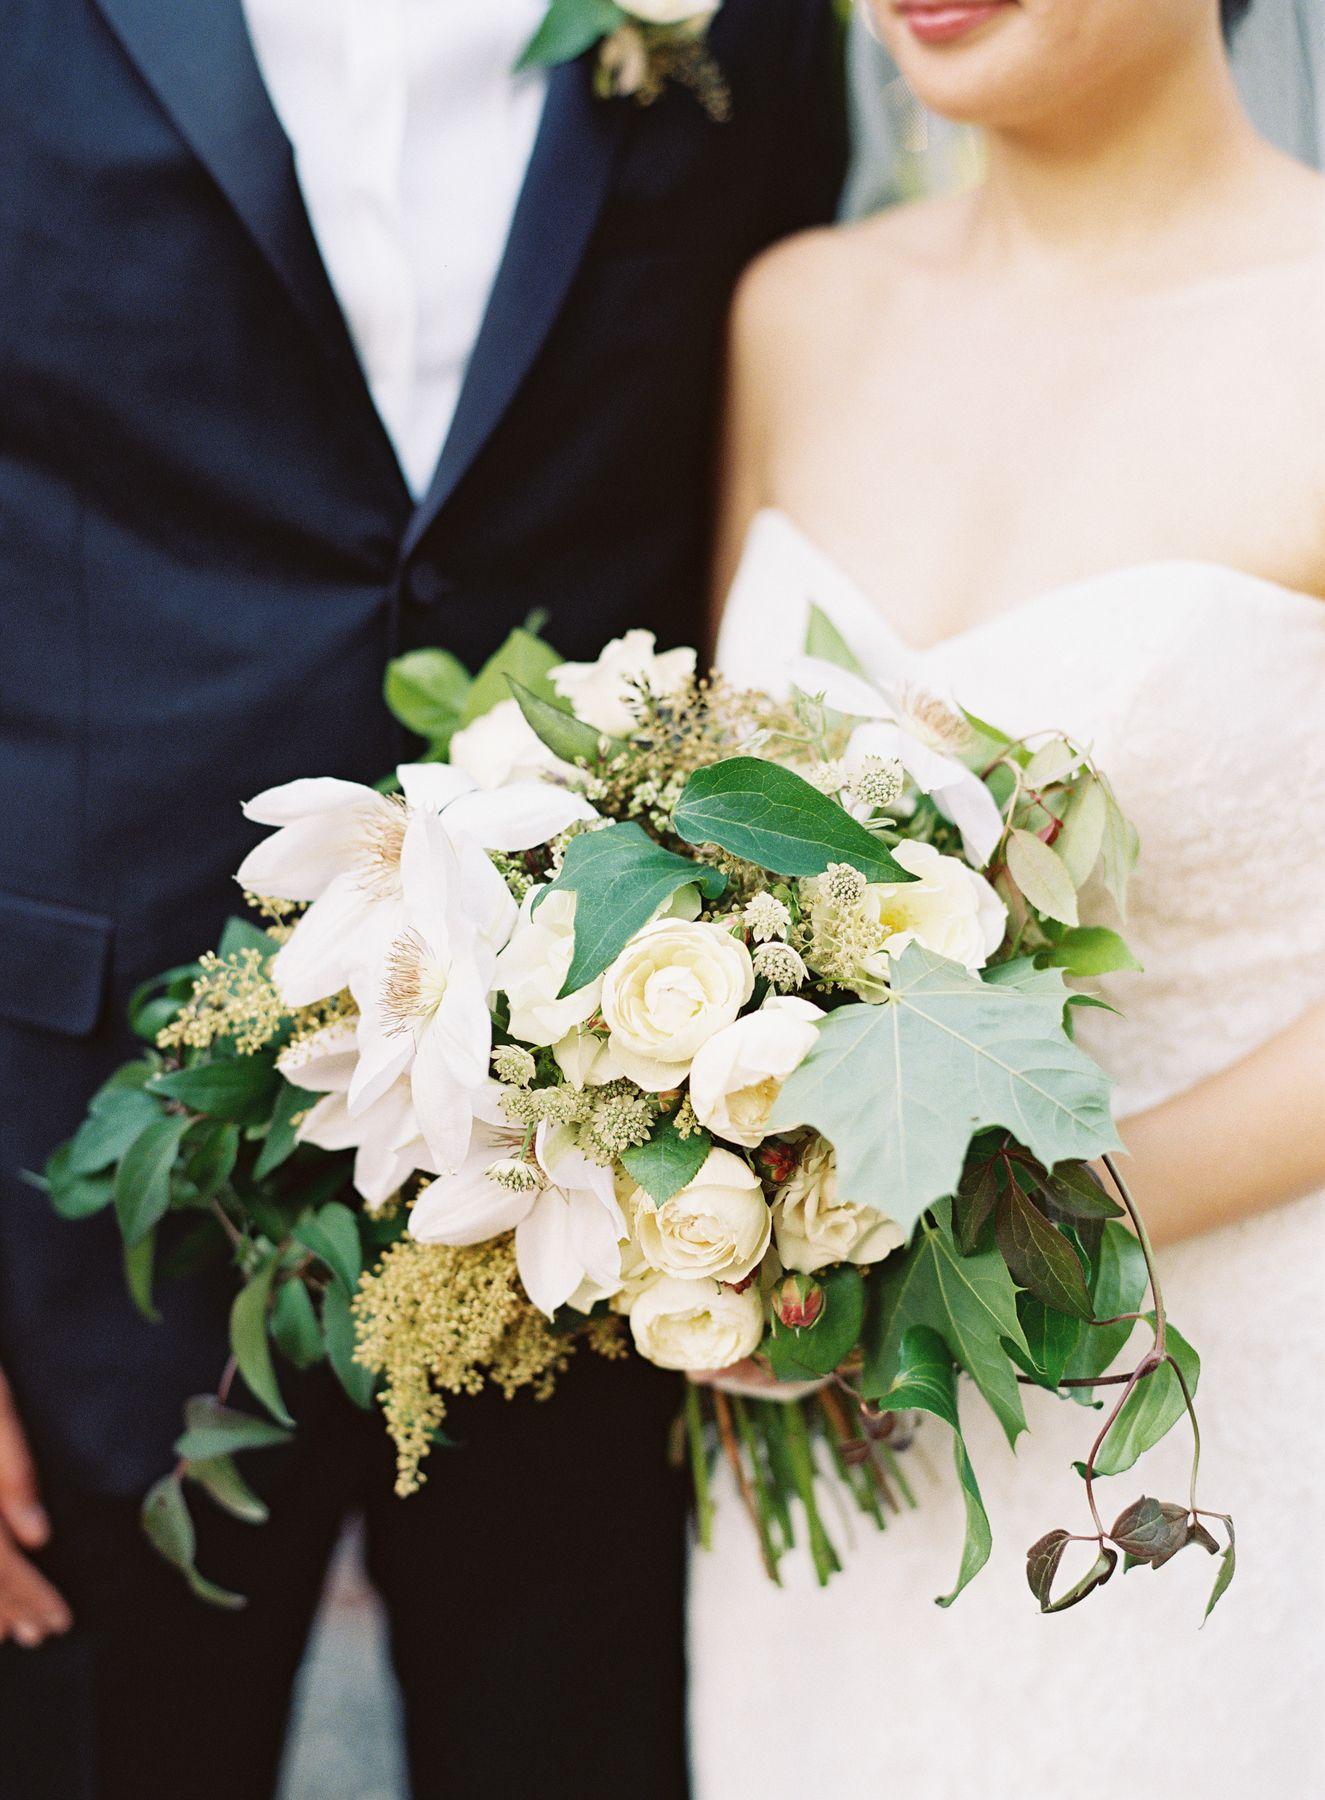 Elegant black tie wedding in washington lush garden bridal